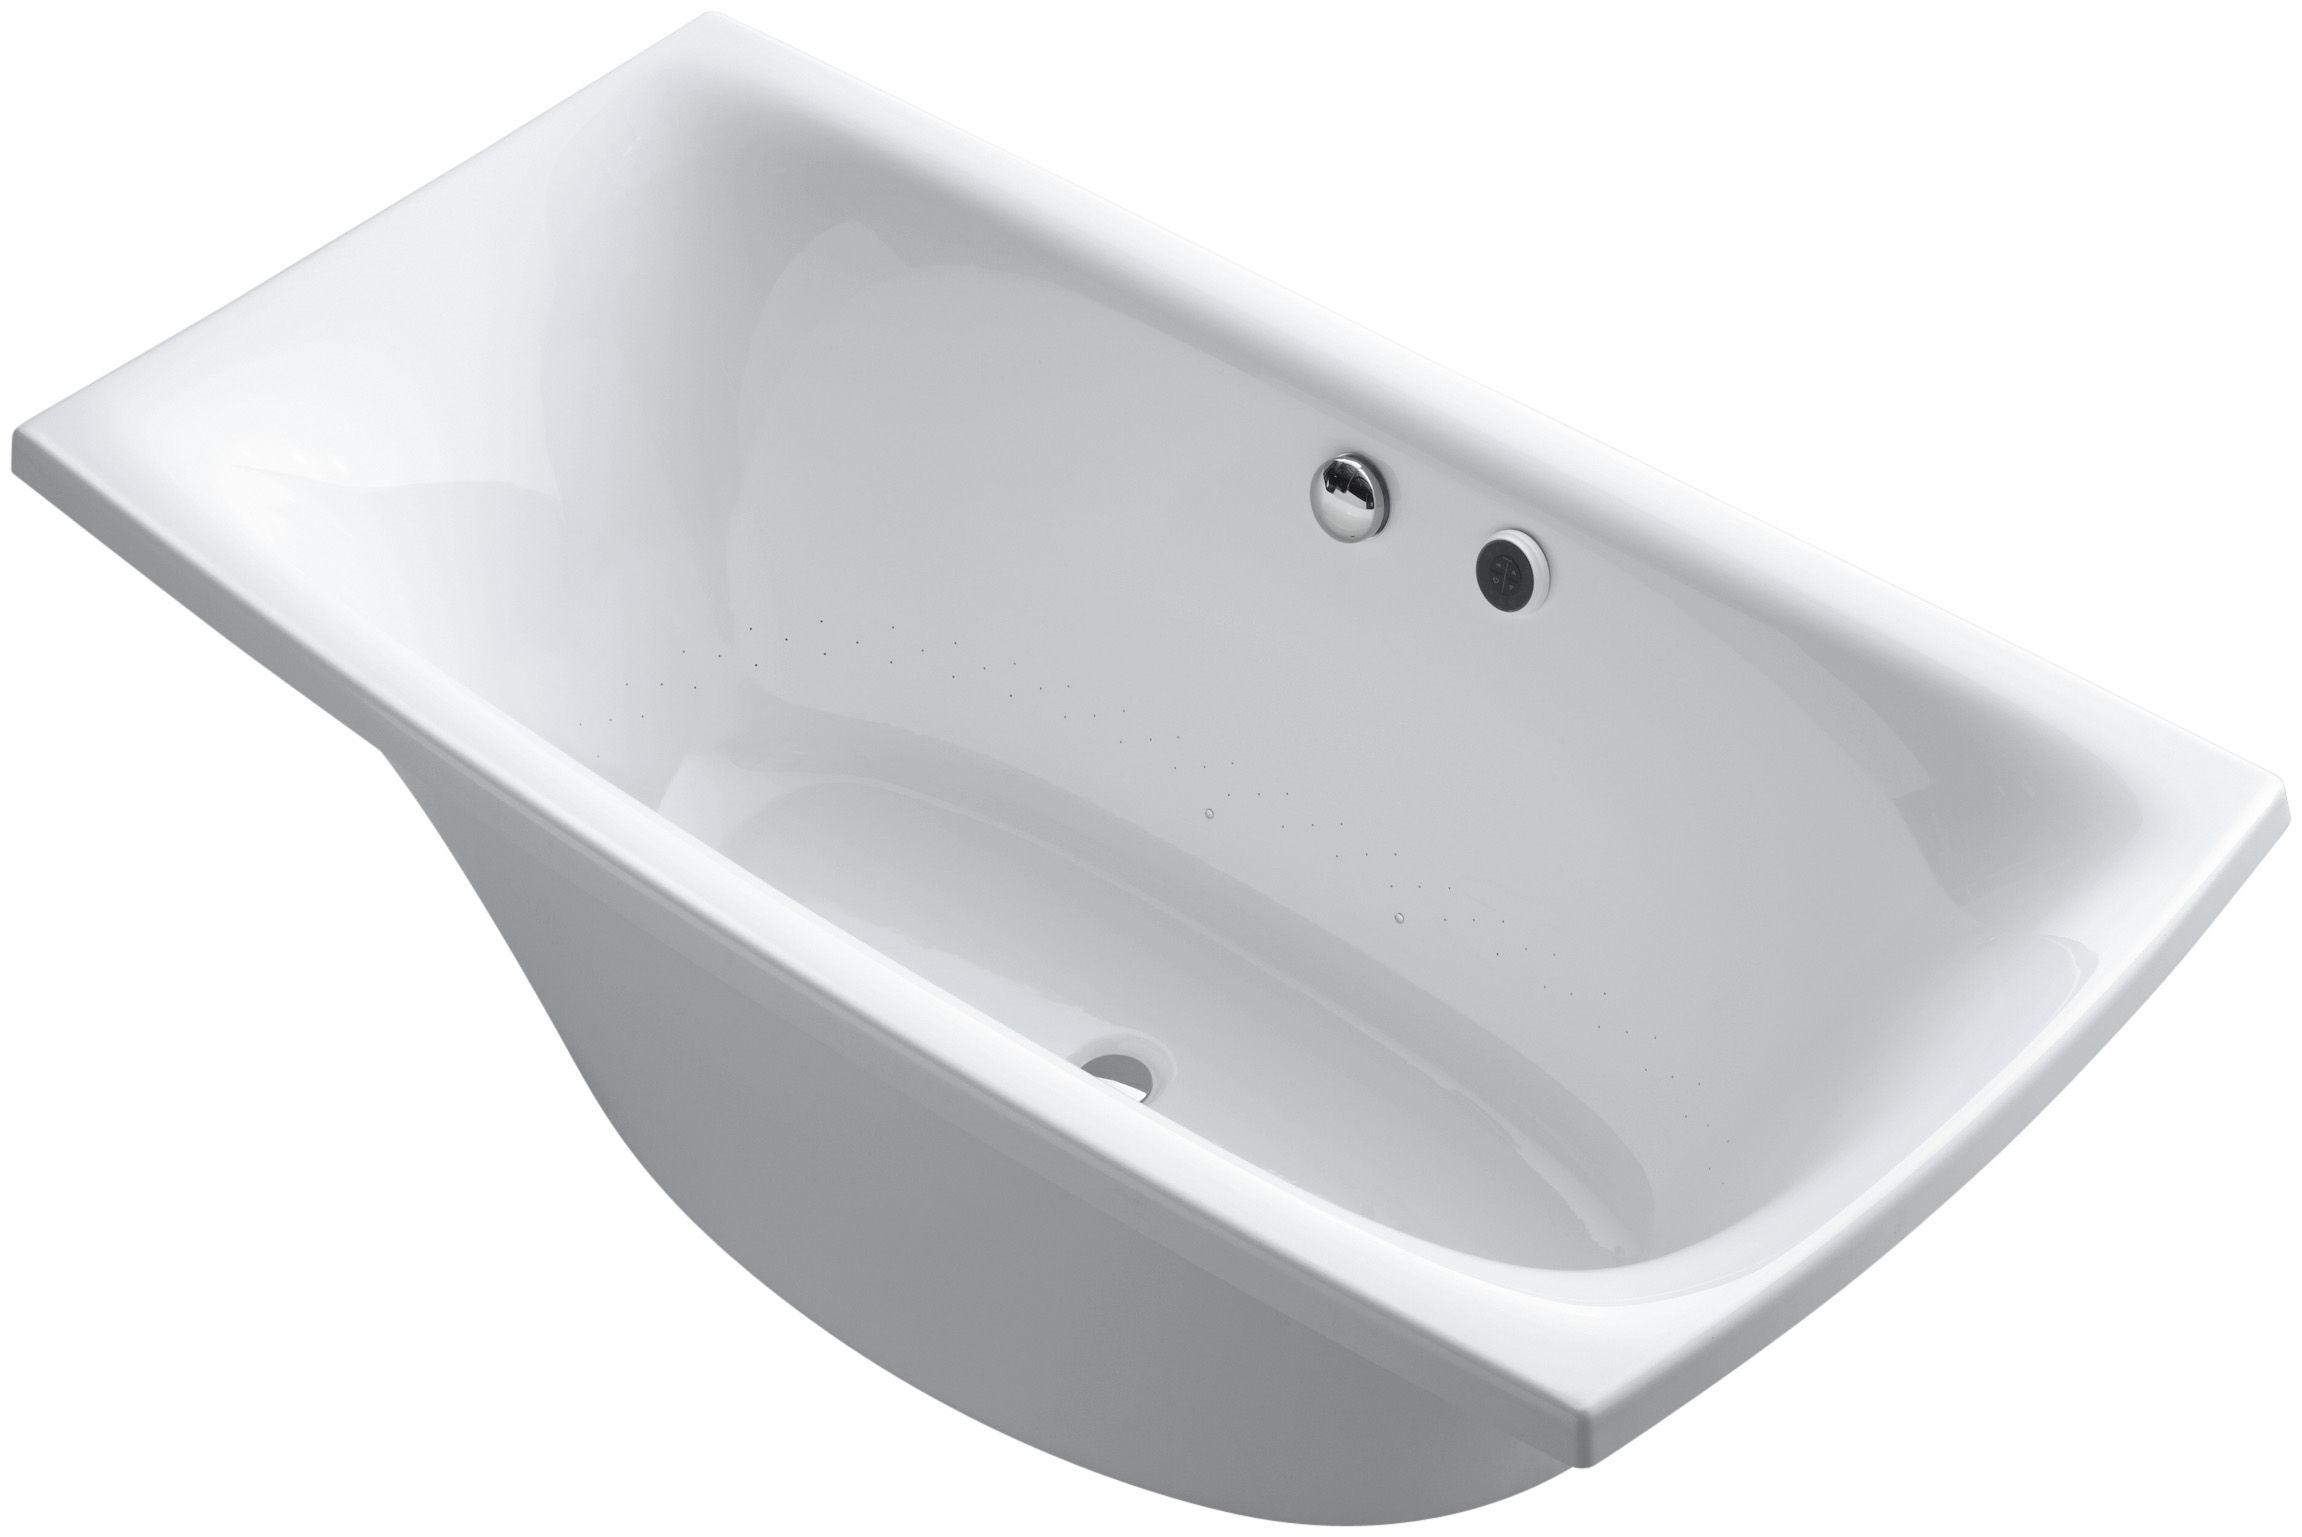 tub of jetted bathtub hot kohler many jacuzzi benefits hydromassage